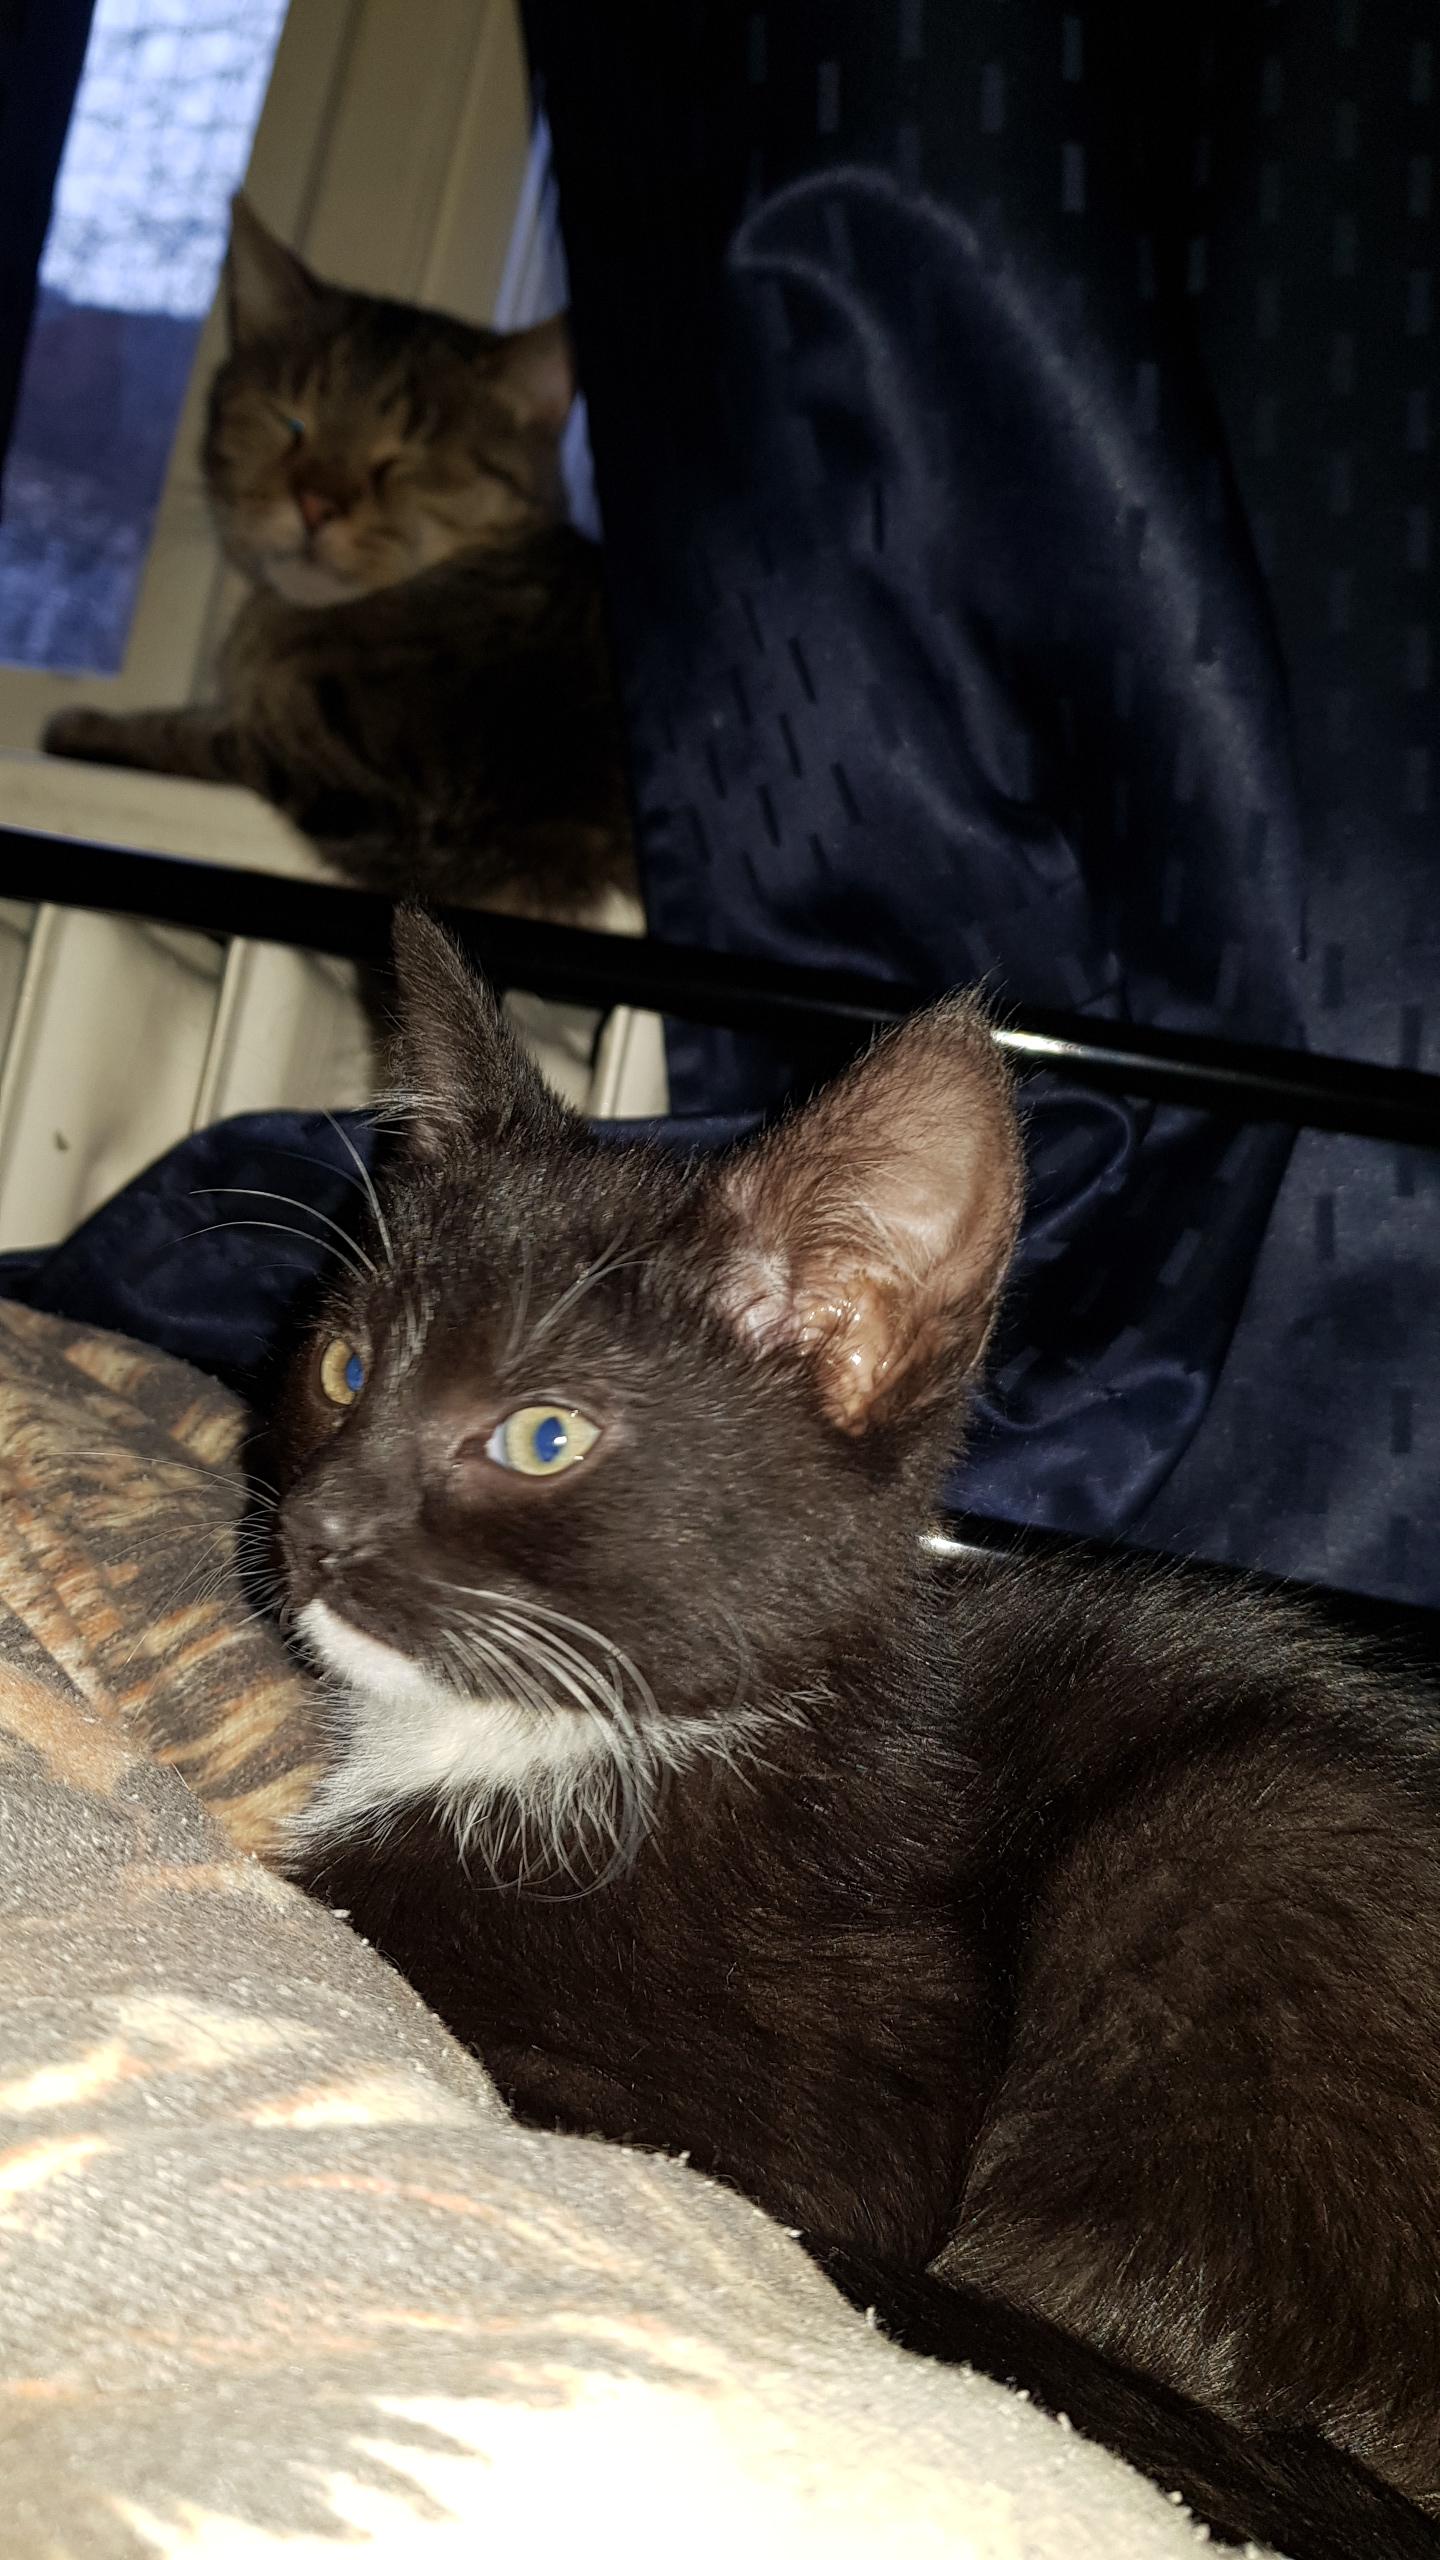 Katzenerziehung So Erziehst Du Deine Katze Richtig Katze Org